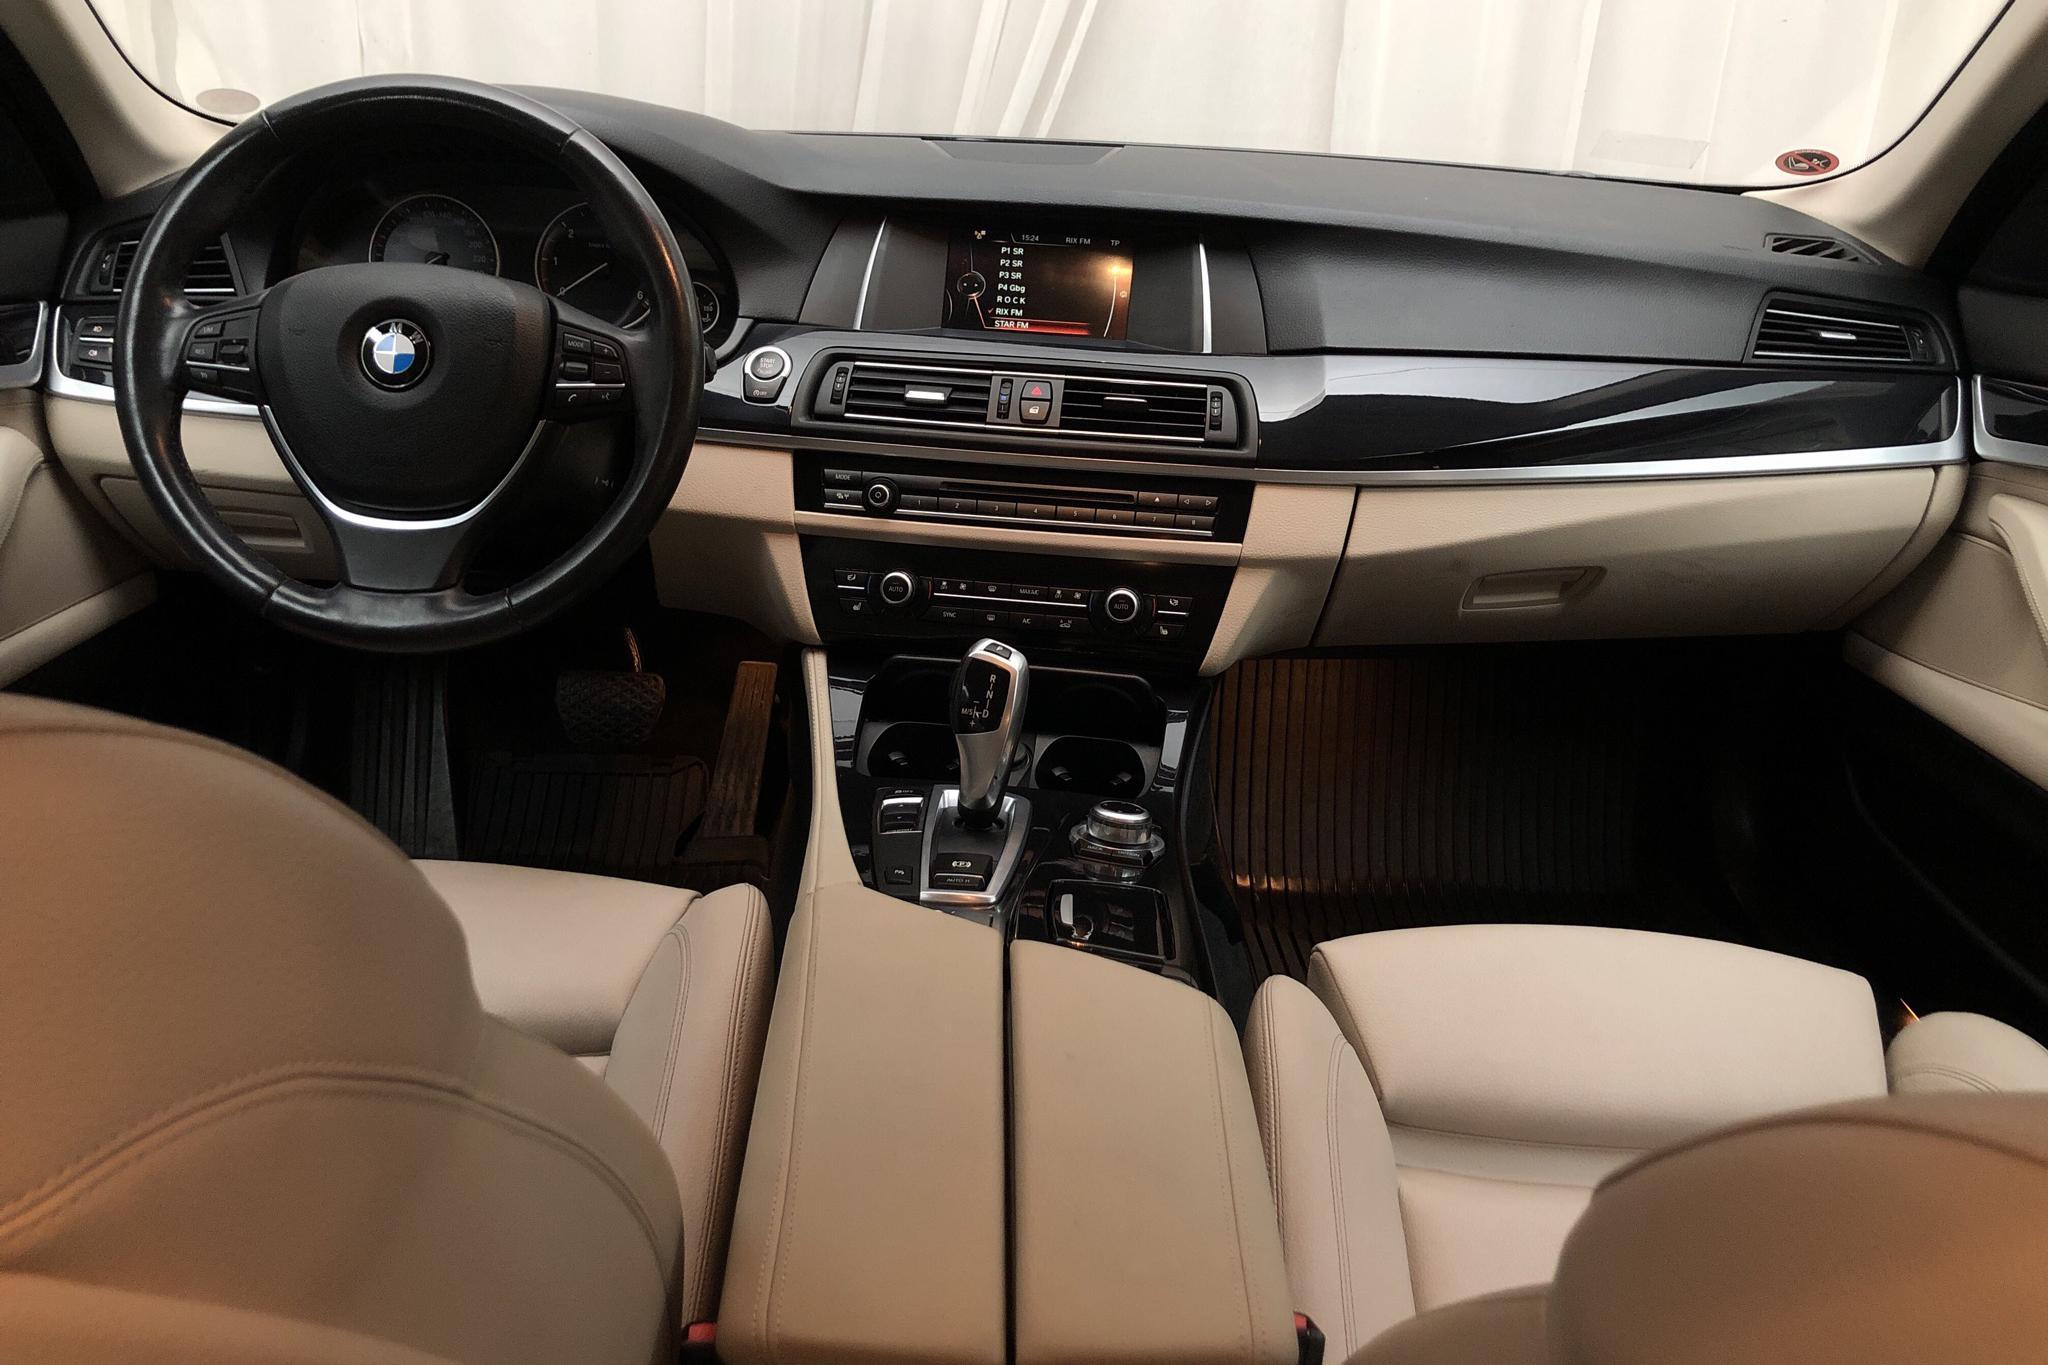 BMW 520d Touring, F11 (190hk) - 16 796 mil - Automat - svart - 2016